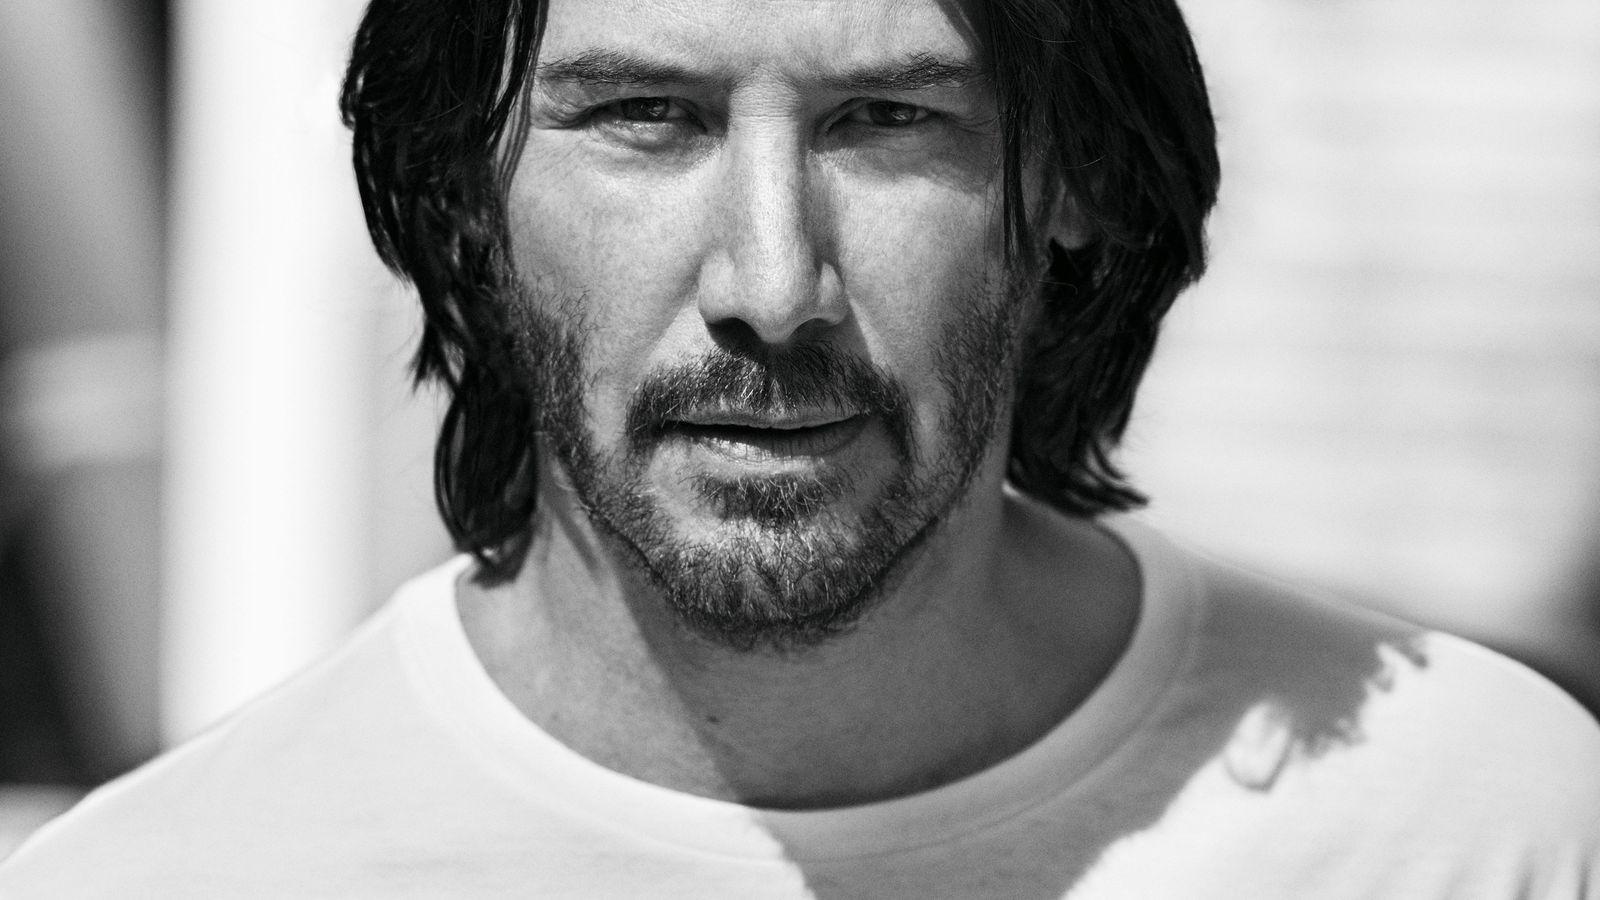 Keanu Reeves Upcoming Movies: New Best Keanu Reeves Movies